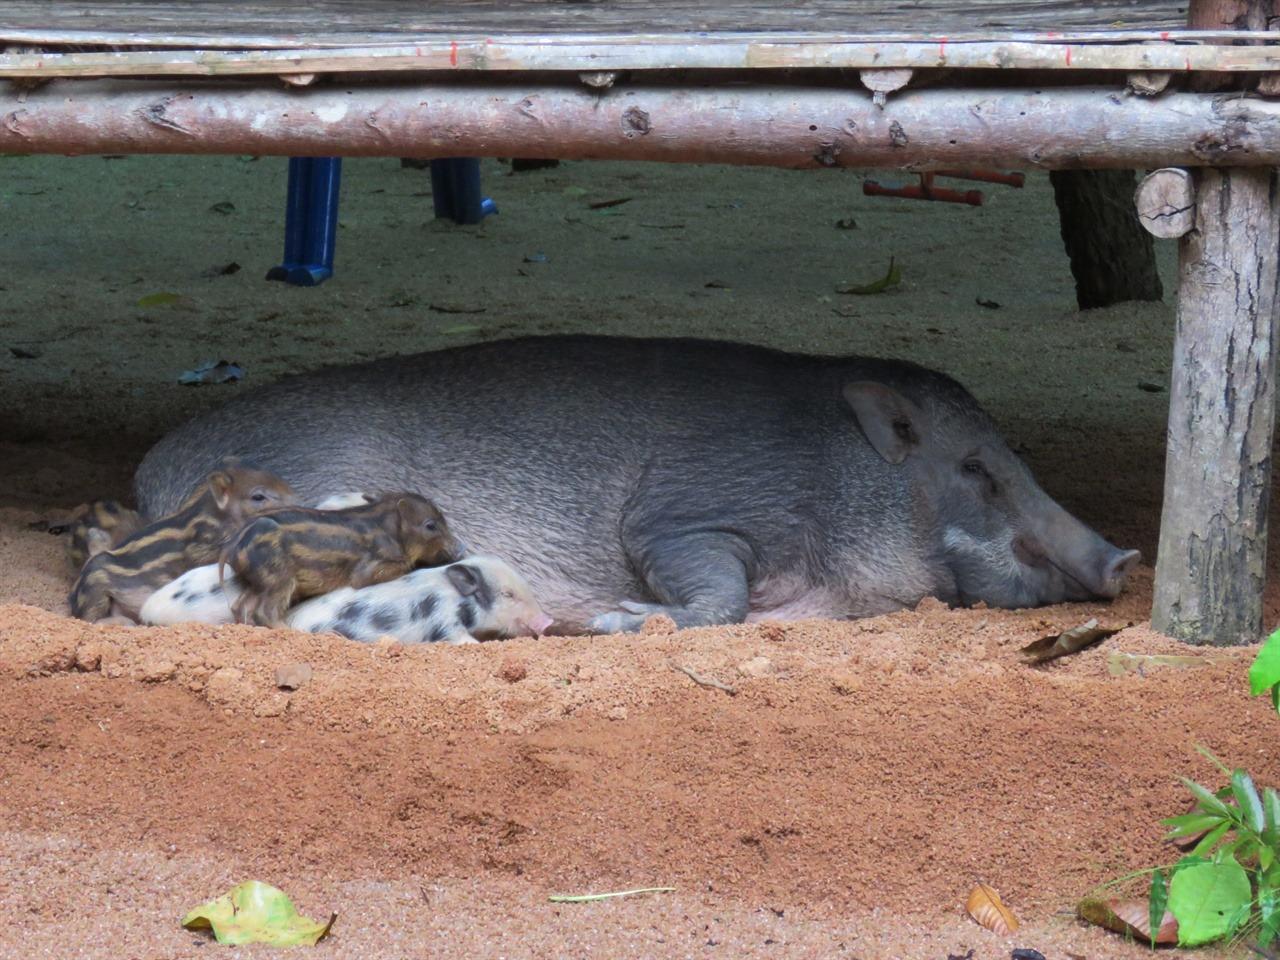 동물공원 어느 평상 아래에 있던 어미돼지와 새끼들